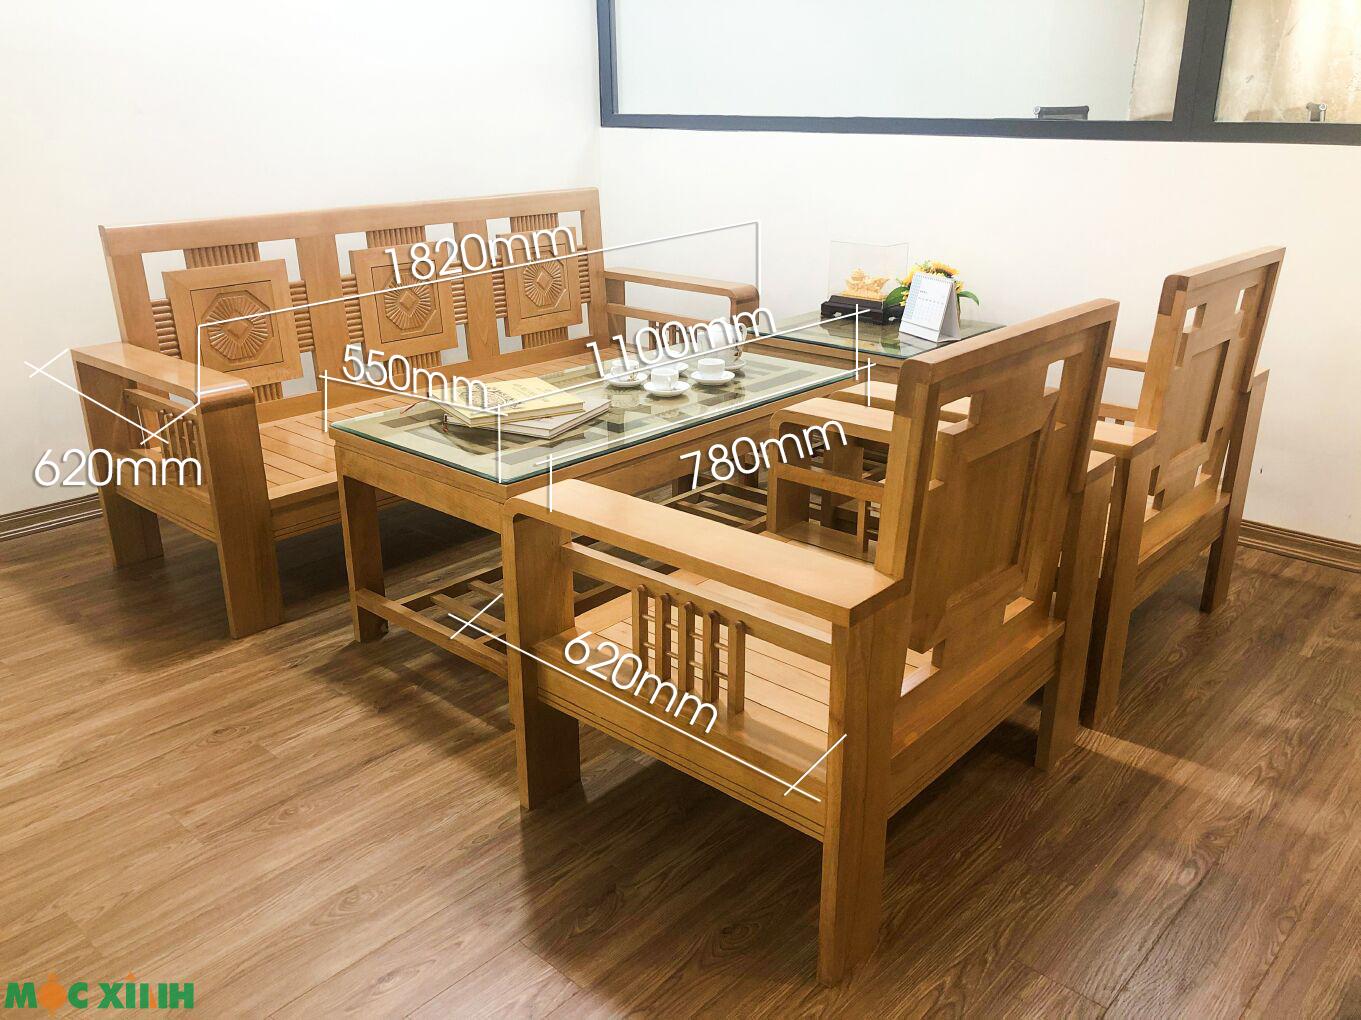 Thông số kích thước cụ thể của mẫu bàn ghế phòng khách cộng tay vòng